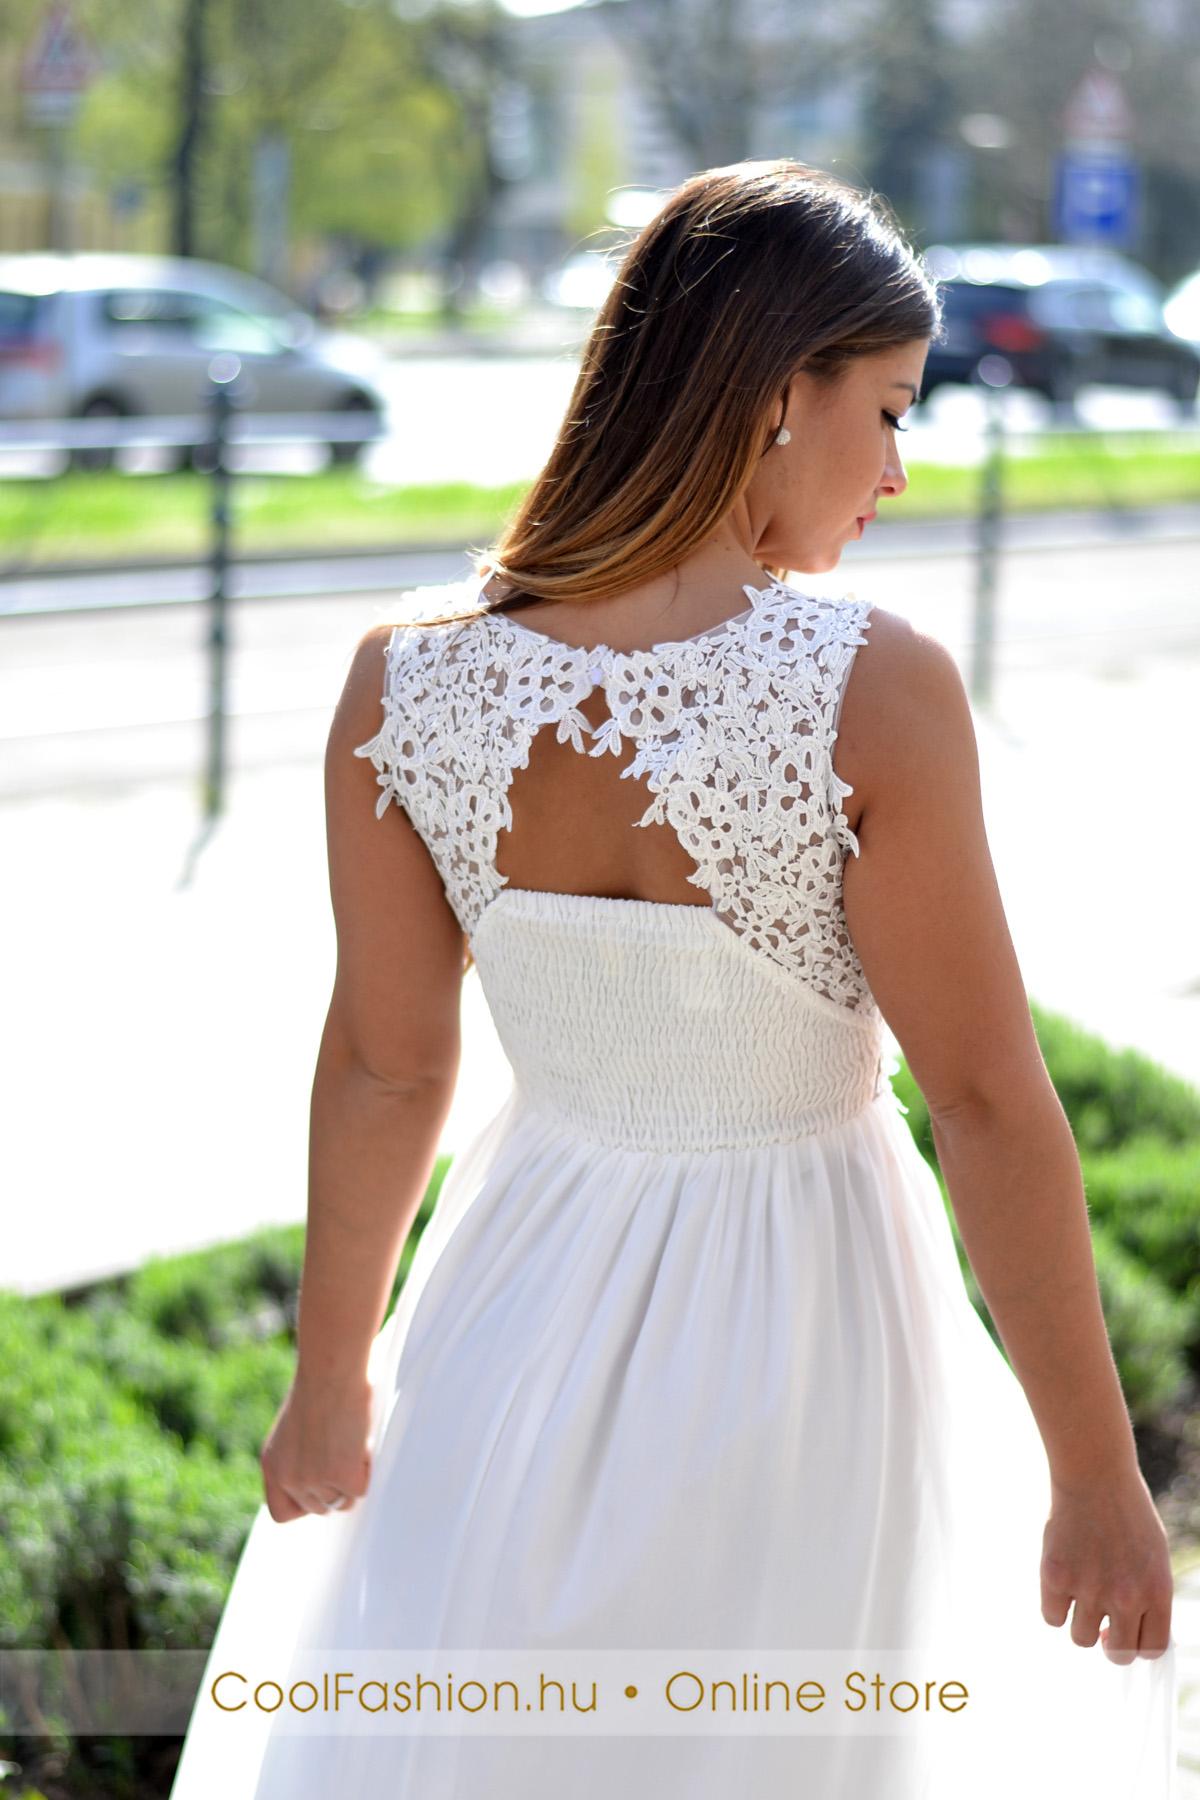 fe6fc75ce0 Csipkés gyöngyös fehér muszlin maxi ruha - Cool Fashion